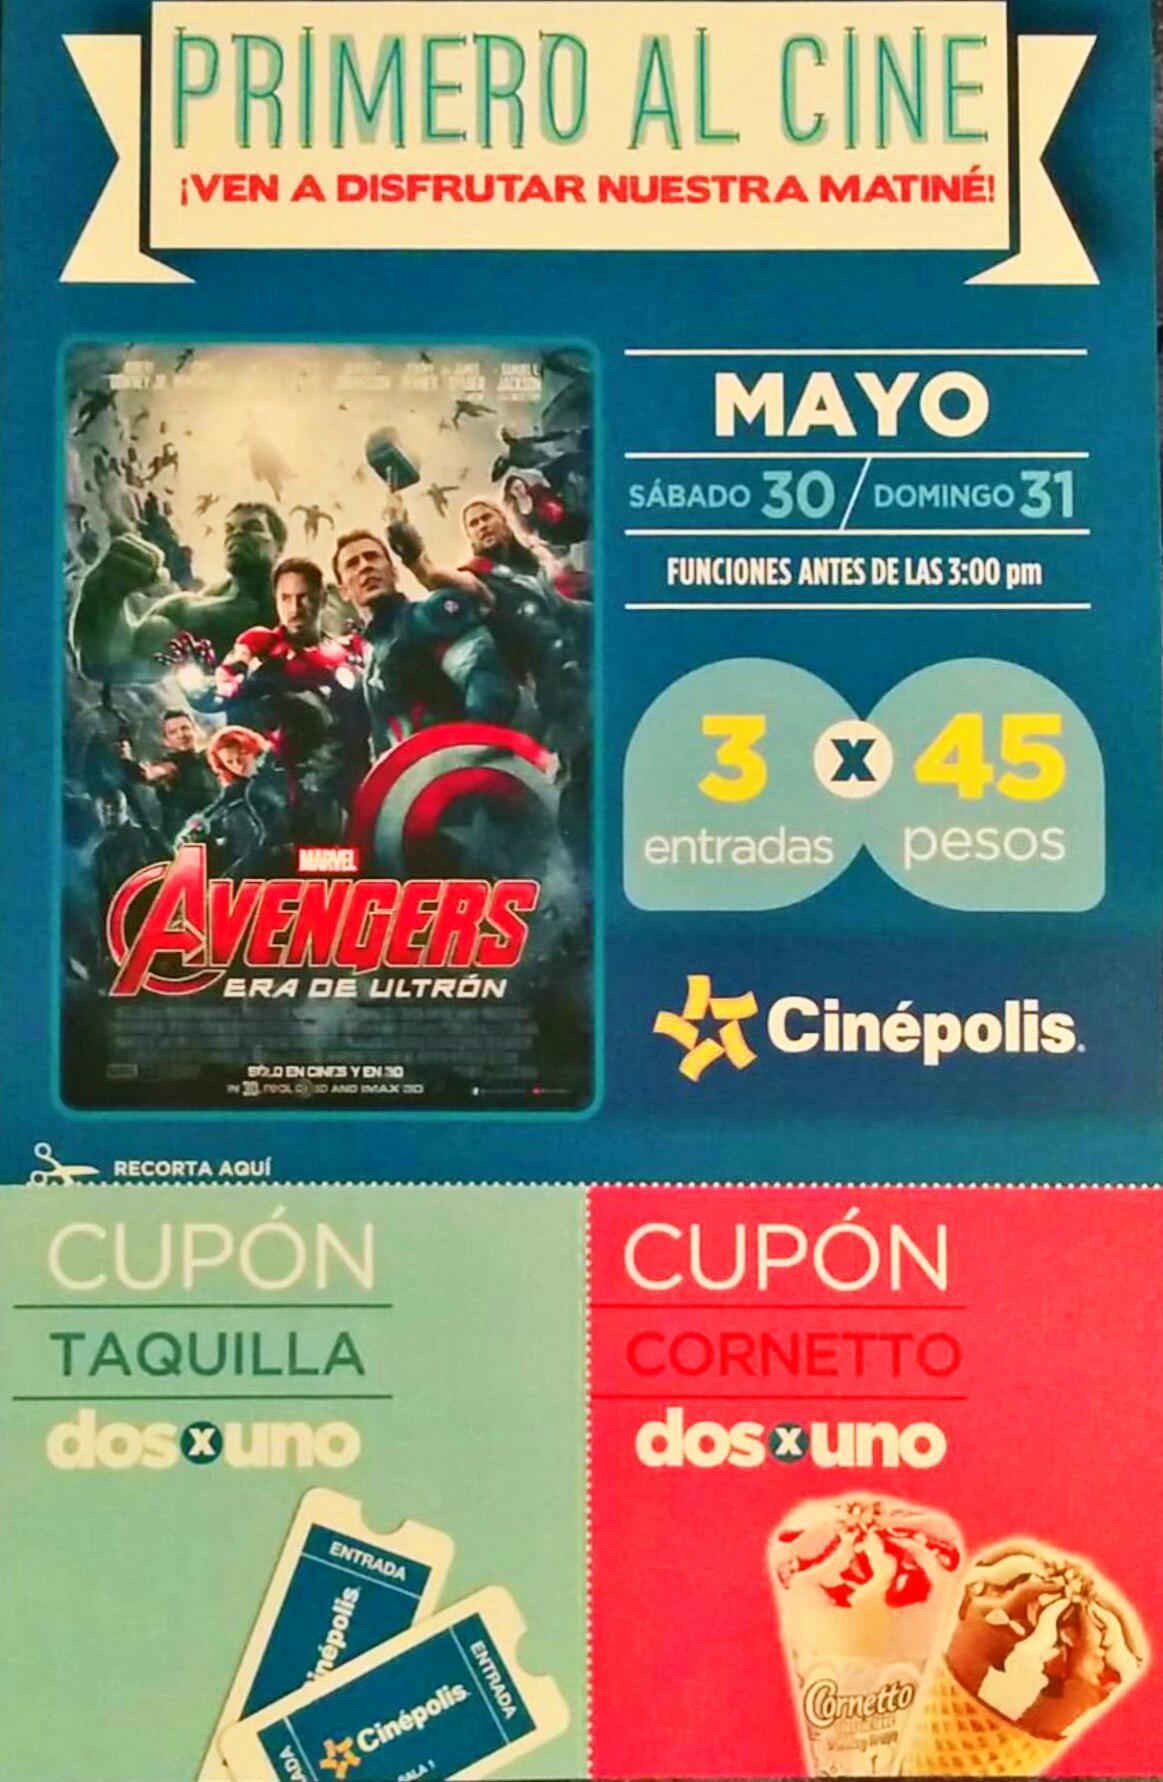 Cinépolis: 3 boletos para Avengers por $45 antes de las 3 pm, mayo 30 y 31